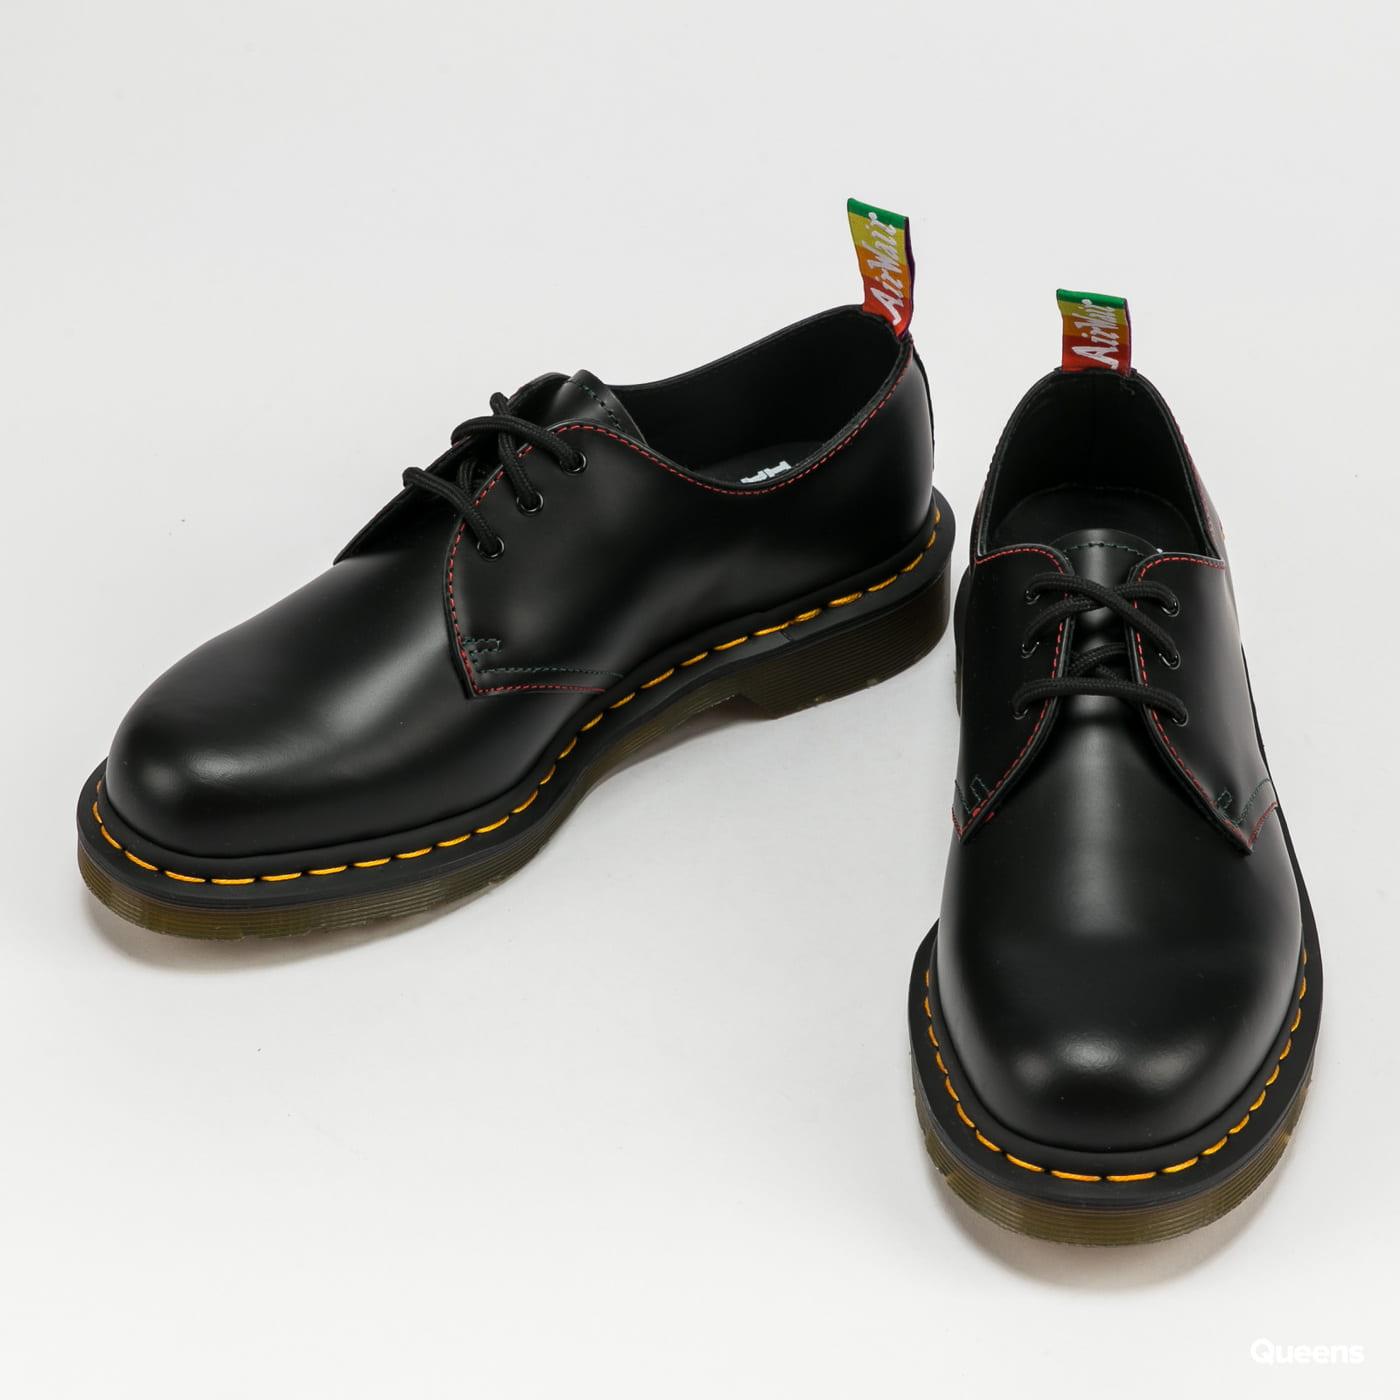 Dr. Martens 1461 For Pride black smooth